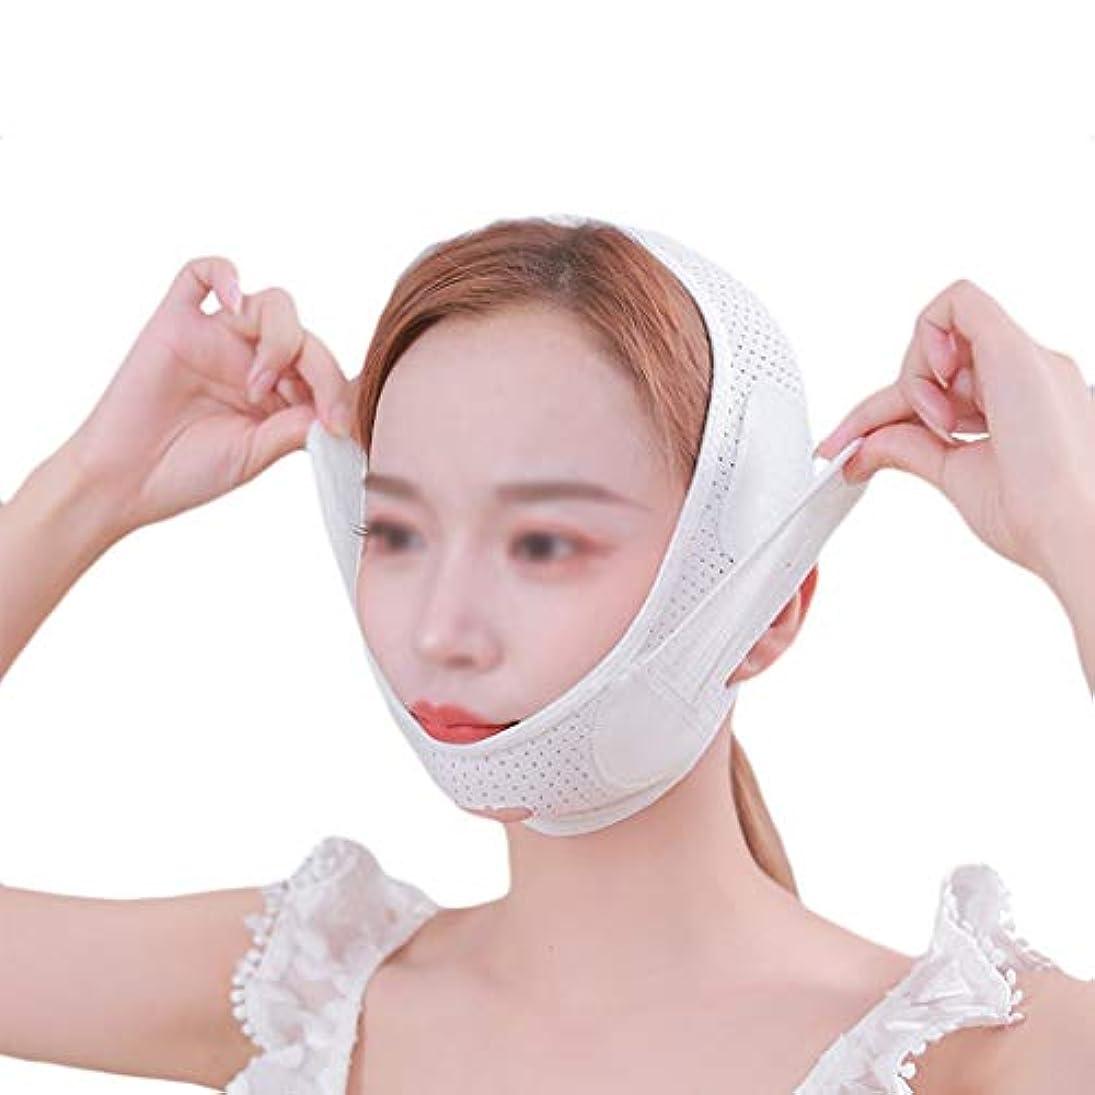 フィクションケント観光に行くフェイシャルリフティング包帯、頬痩身マスク包帯、フェイスリフティングファーミングフェイスリフティング、リフティングダブルチンフェイシャルマスク(ホワイト、フリーサイズ)